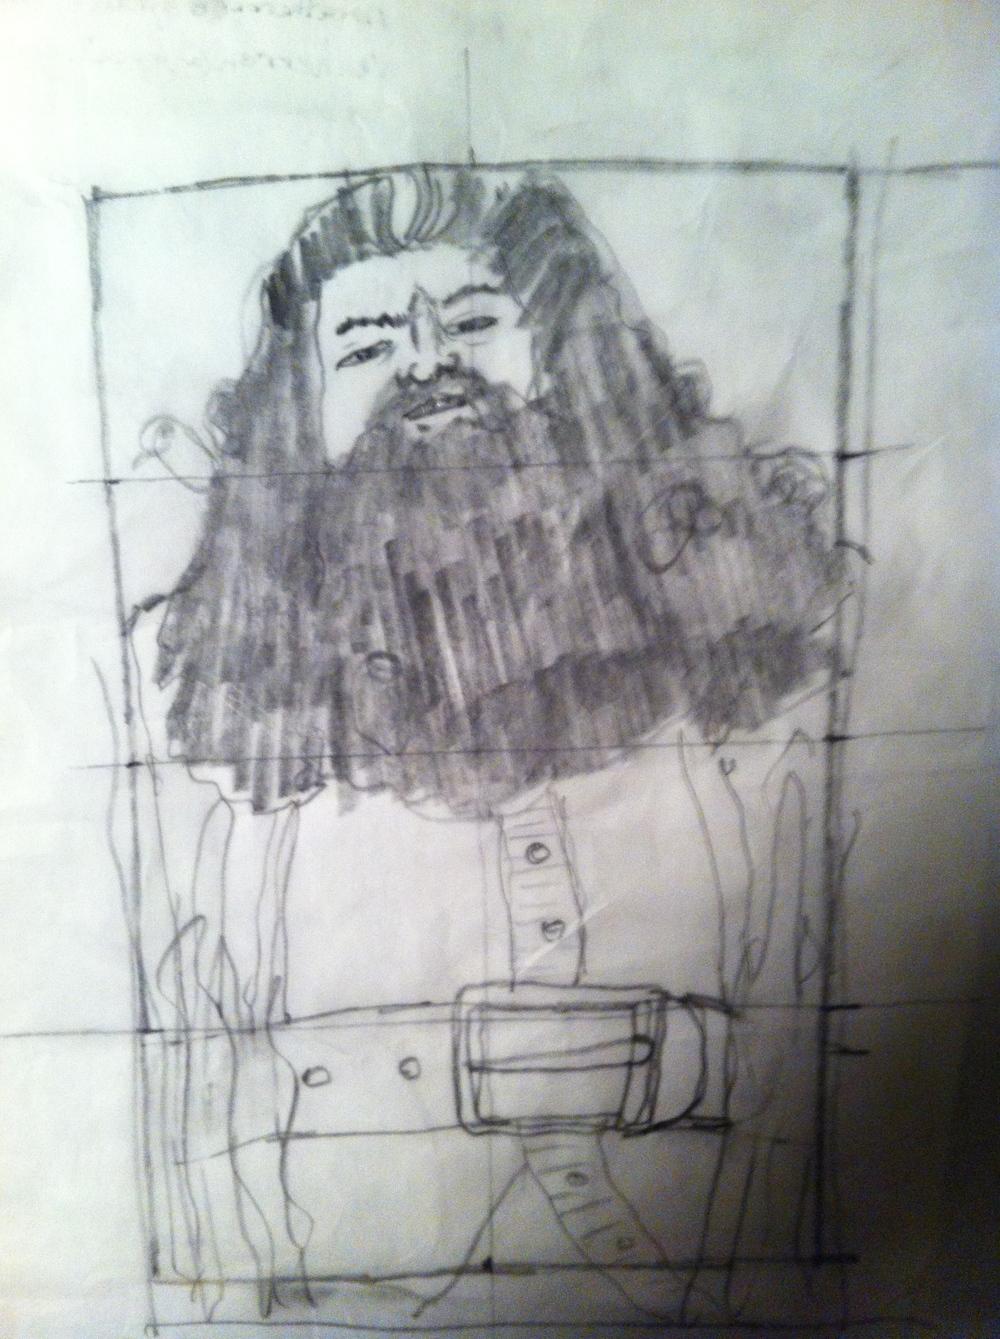 Original concept sketch.